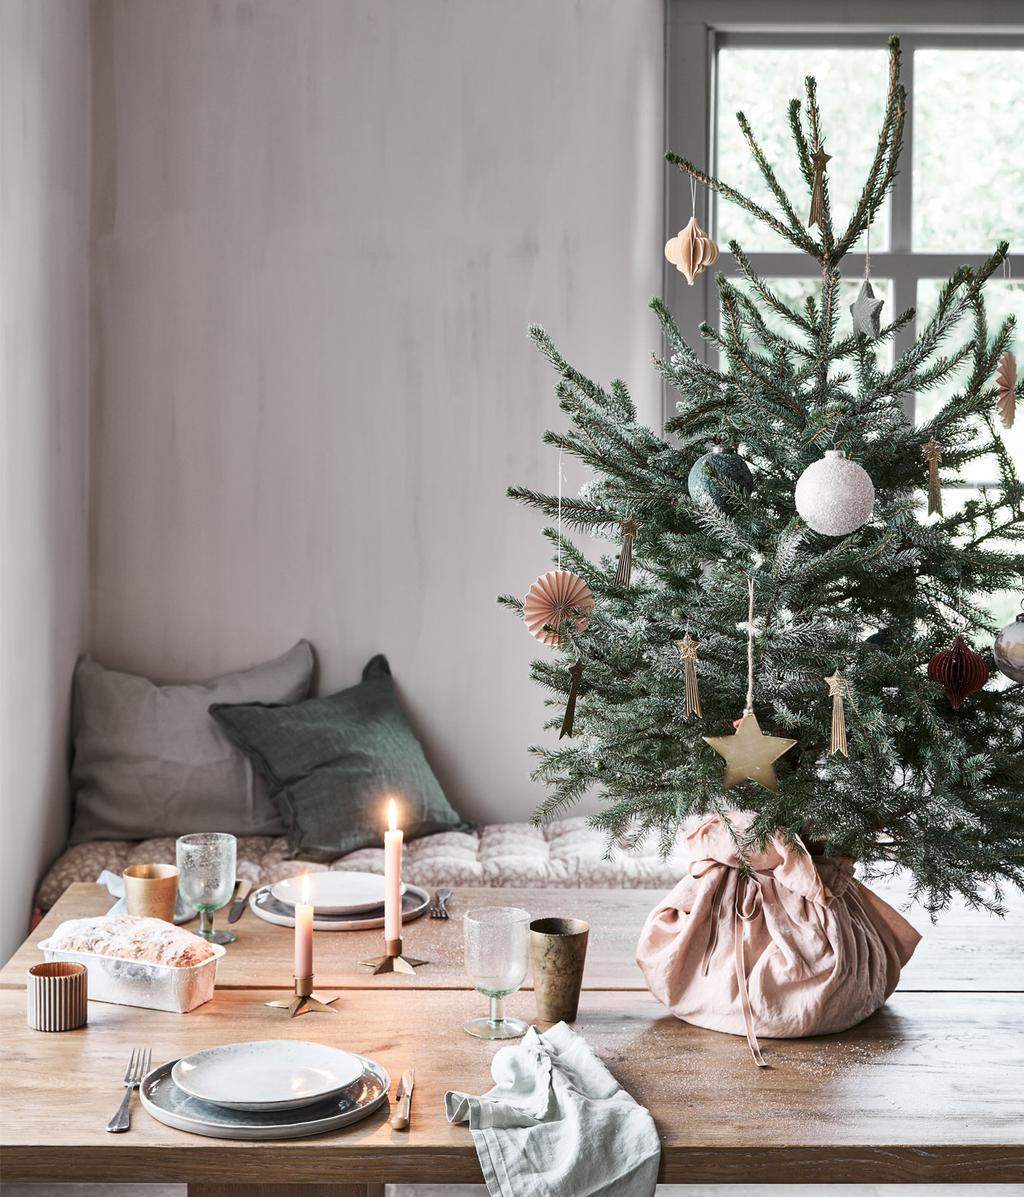 Speels kersthuis | kerstboom |  special 12-2020